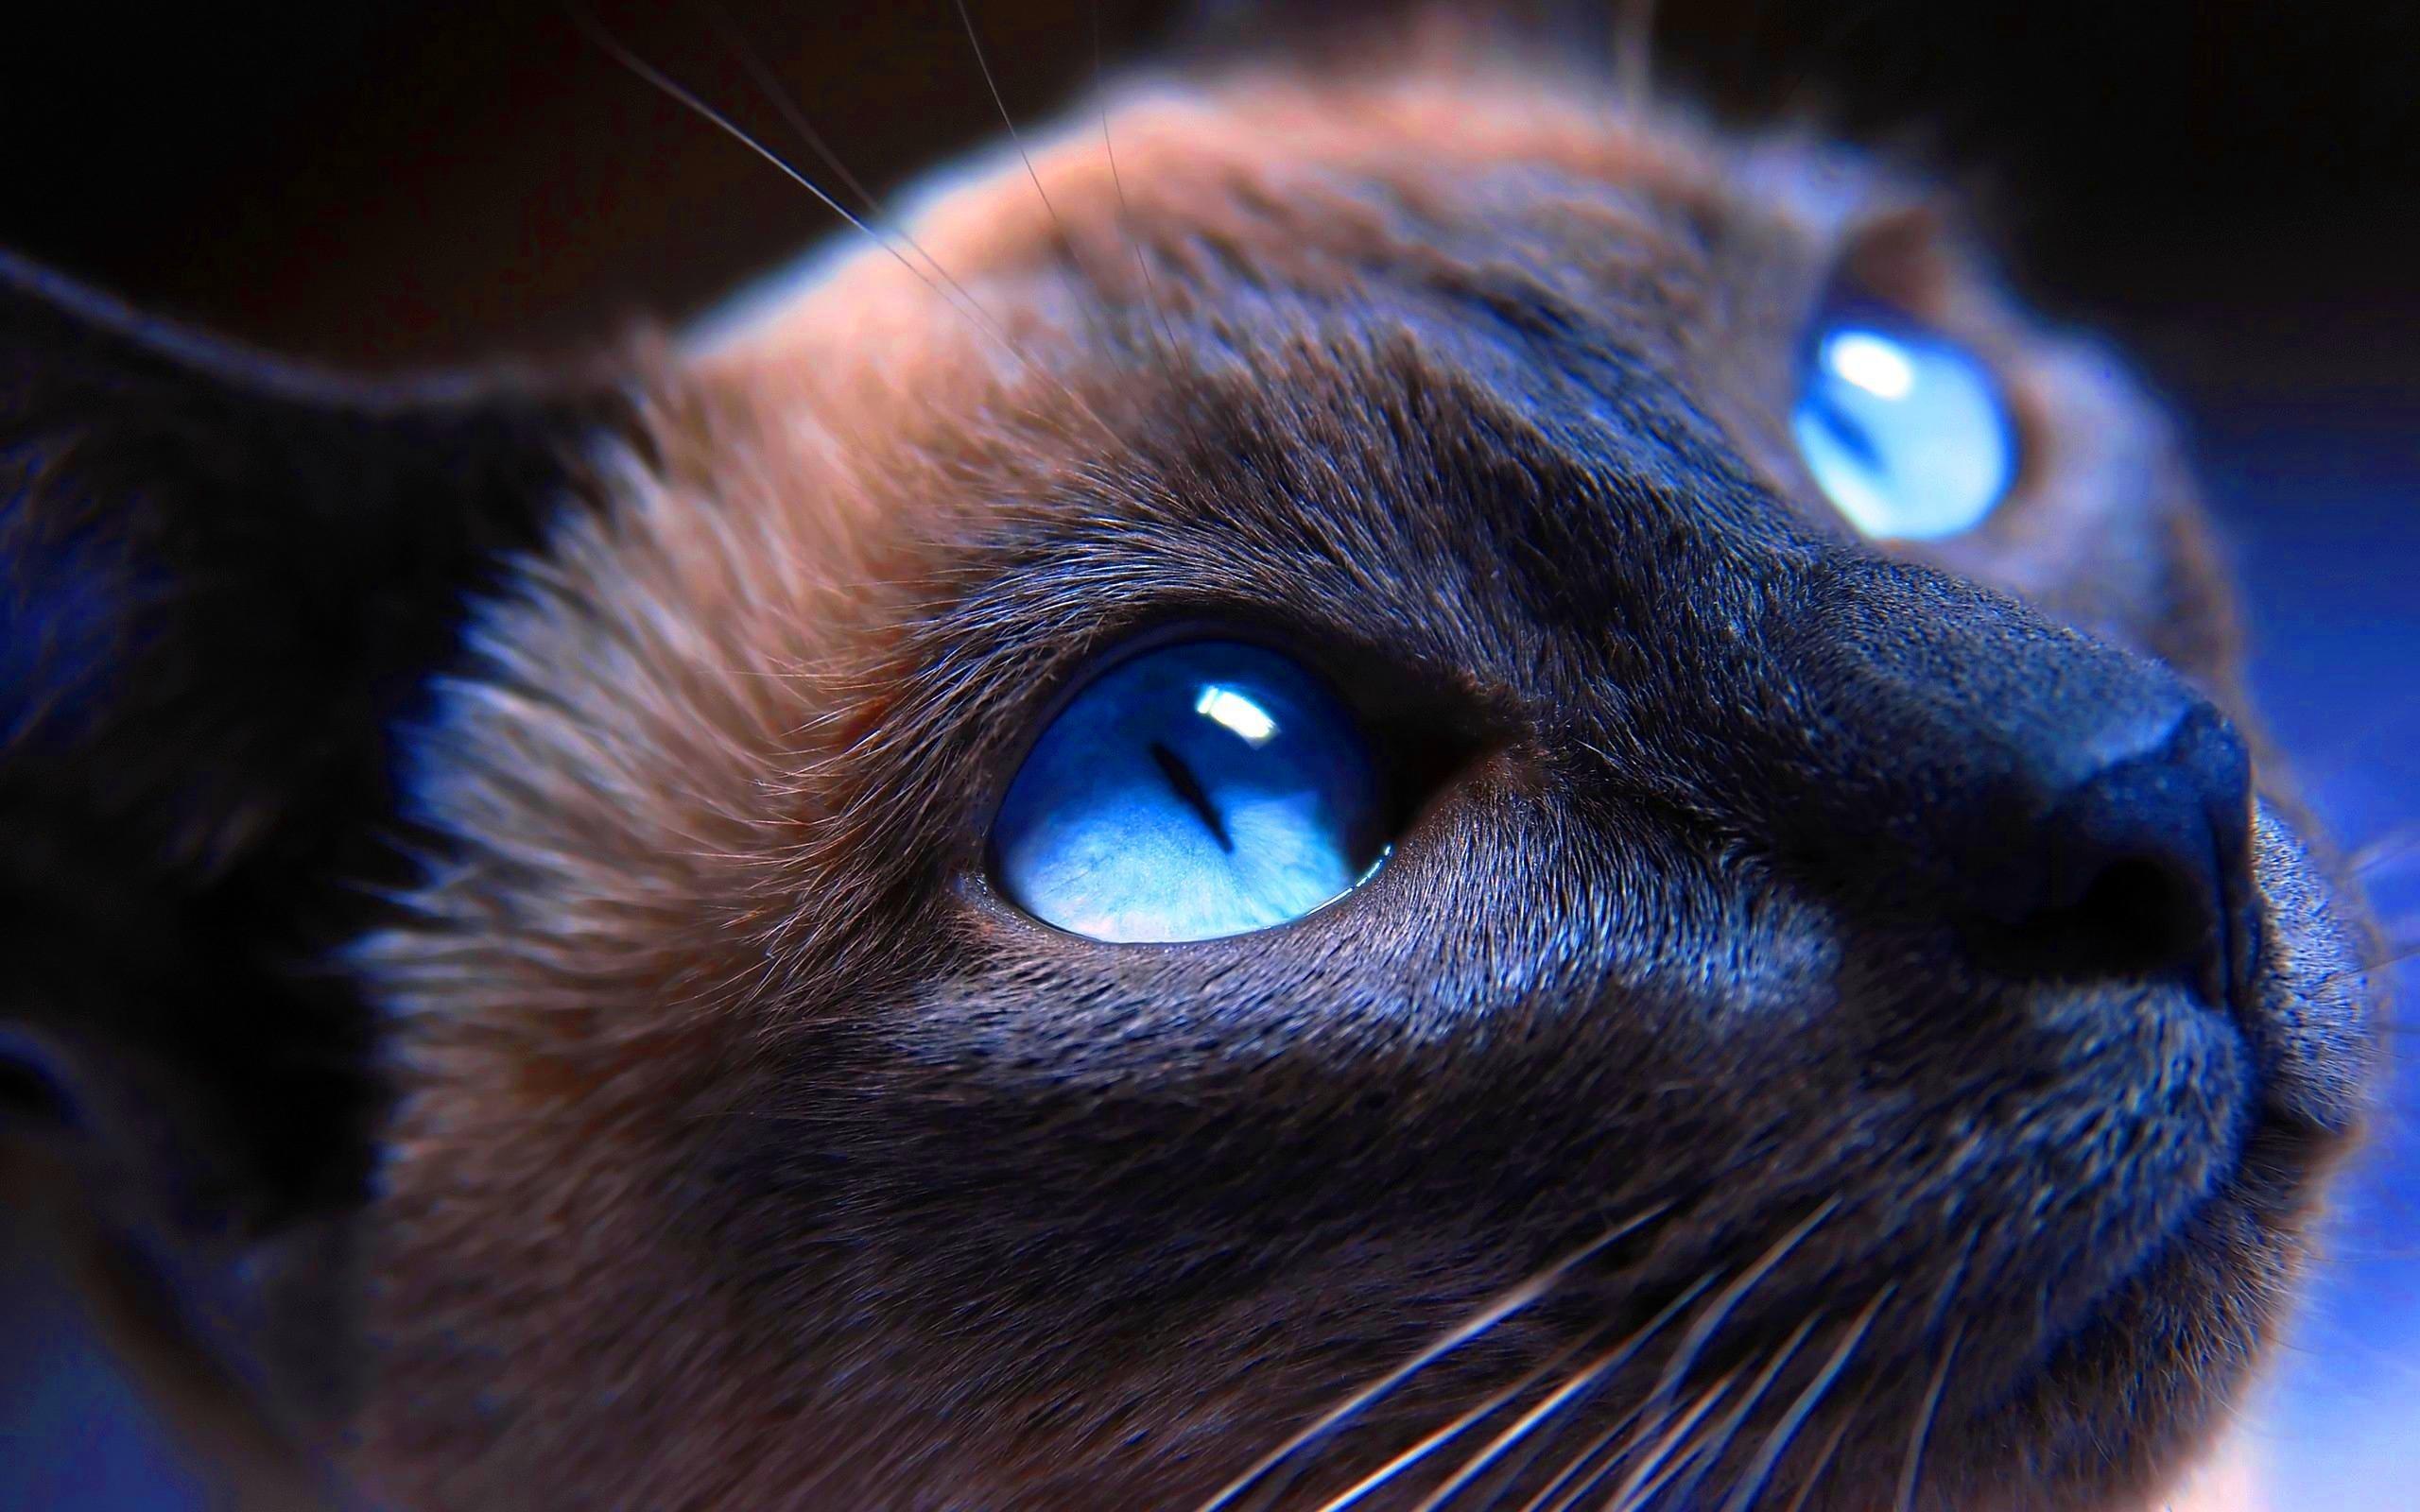 Fond d\u0027écran  chat, bleu, nez, moustaches, Chat noir, œil, chaton,  vertébré, corps humain, organe, fermer, Chat comme un mammifère,  Photographie macro,